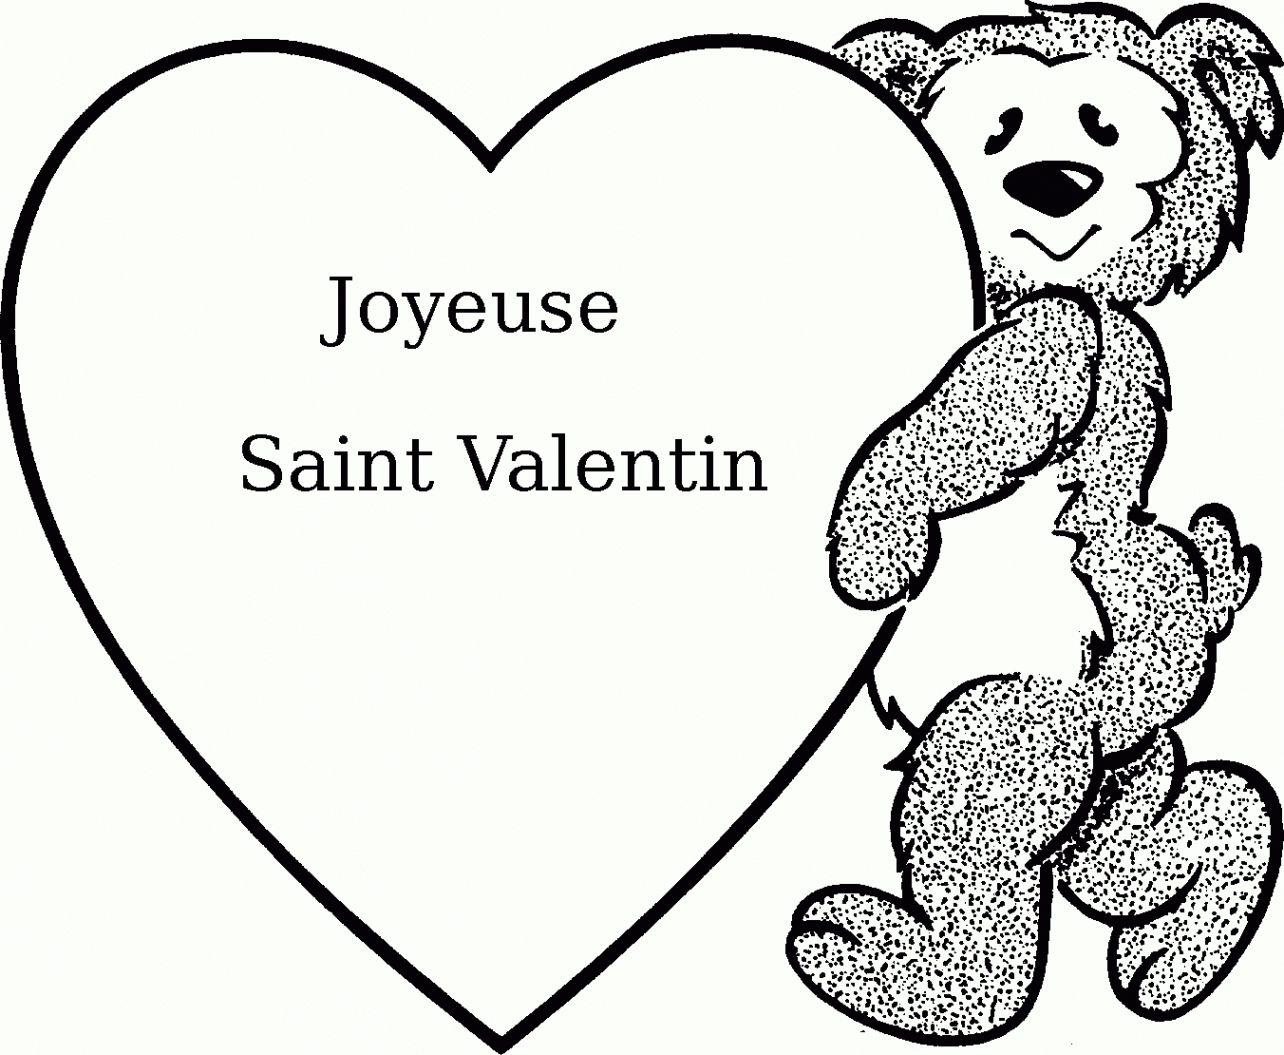 St Valentin A Colorier | Coloriage St Valentin, Joyeuse tout Coloriage De St Valentin